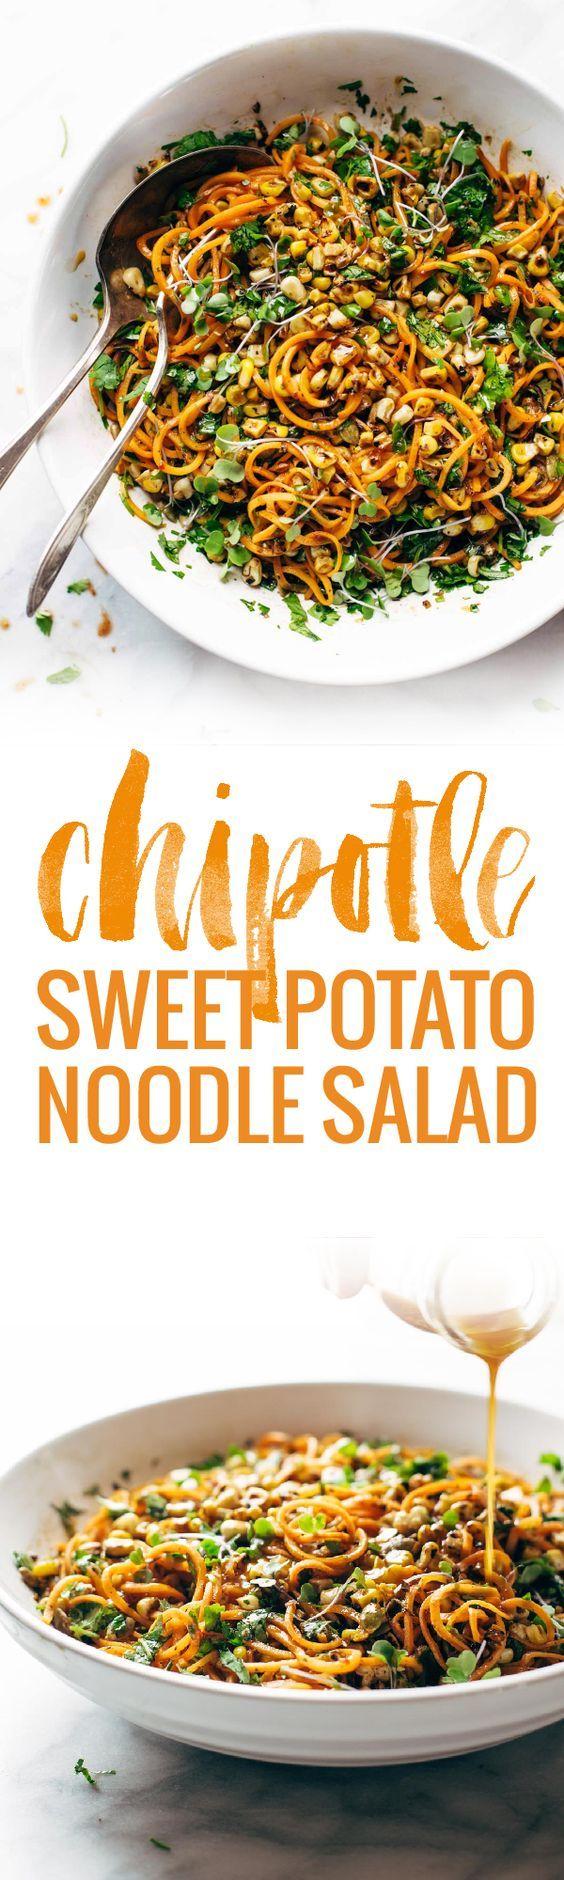 Sweet potato noodles, Potato noodles and Noodle salads